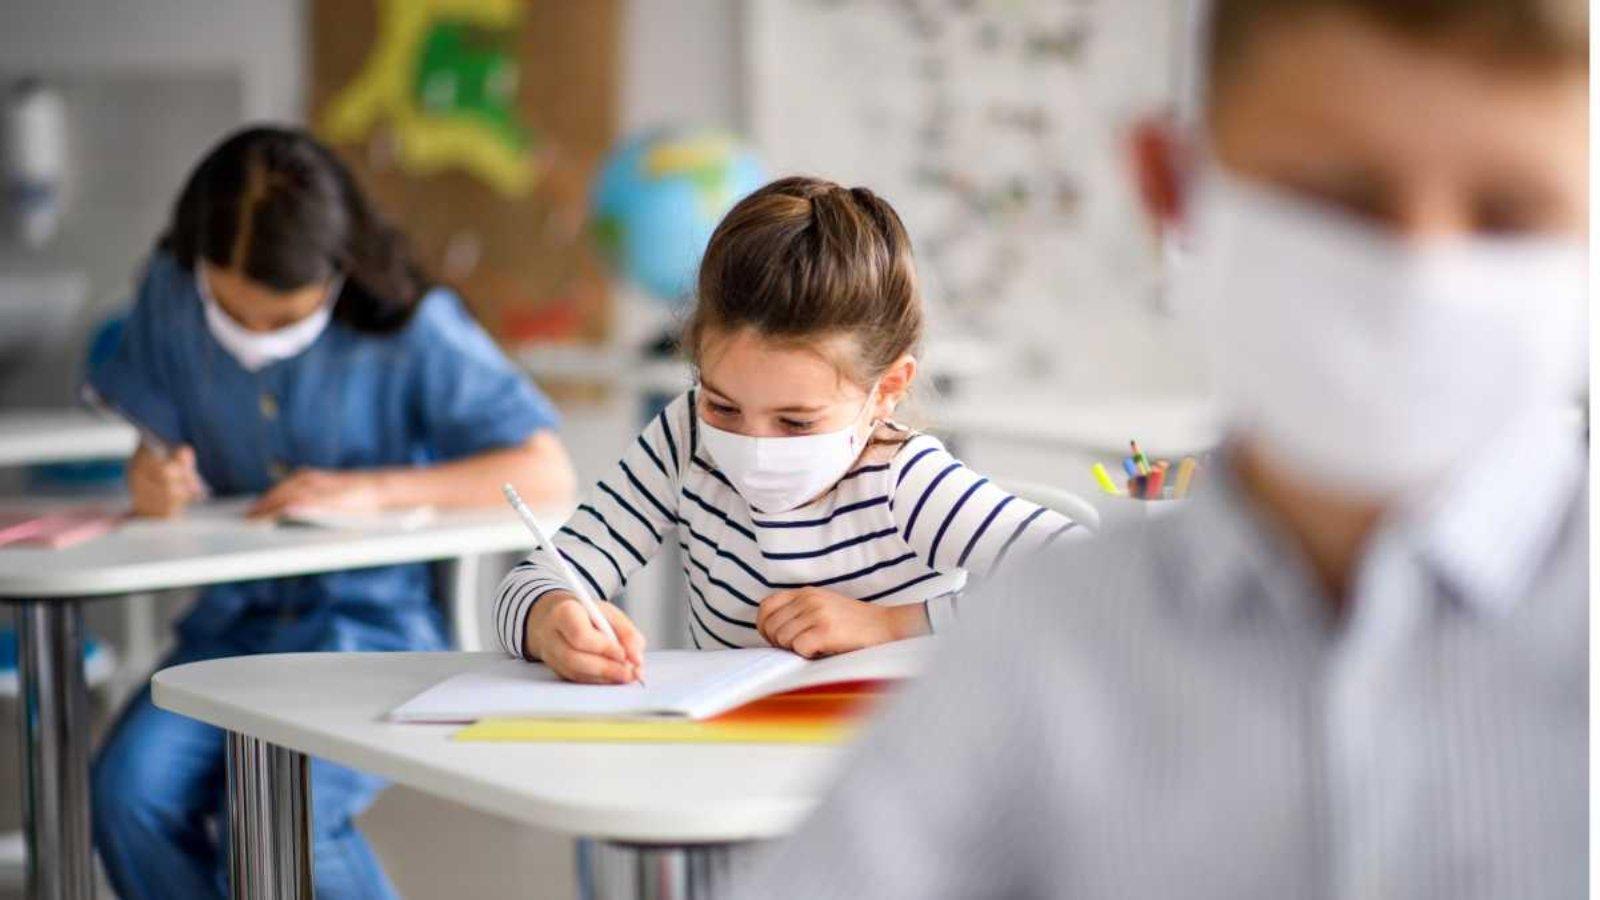 Niña con blusa de color blanca y rayas negras con cubreboca color blanco sentada en un mesa-banco escribiendo.